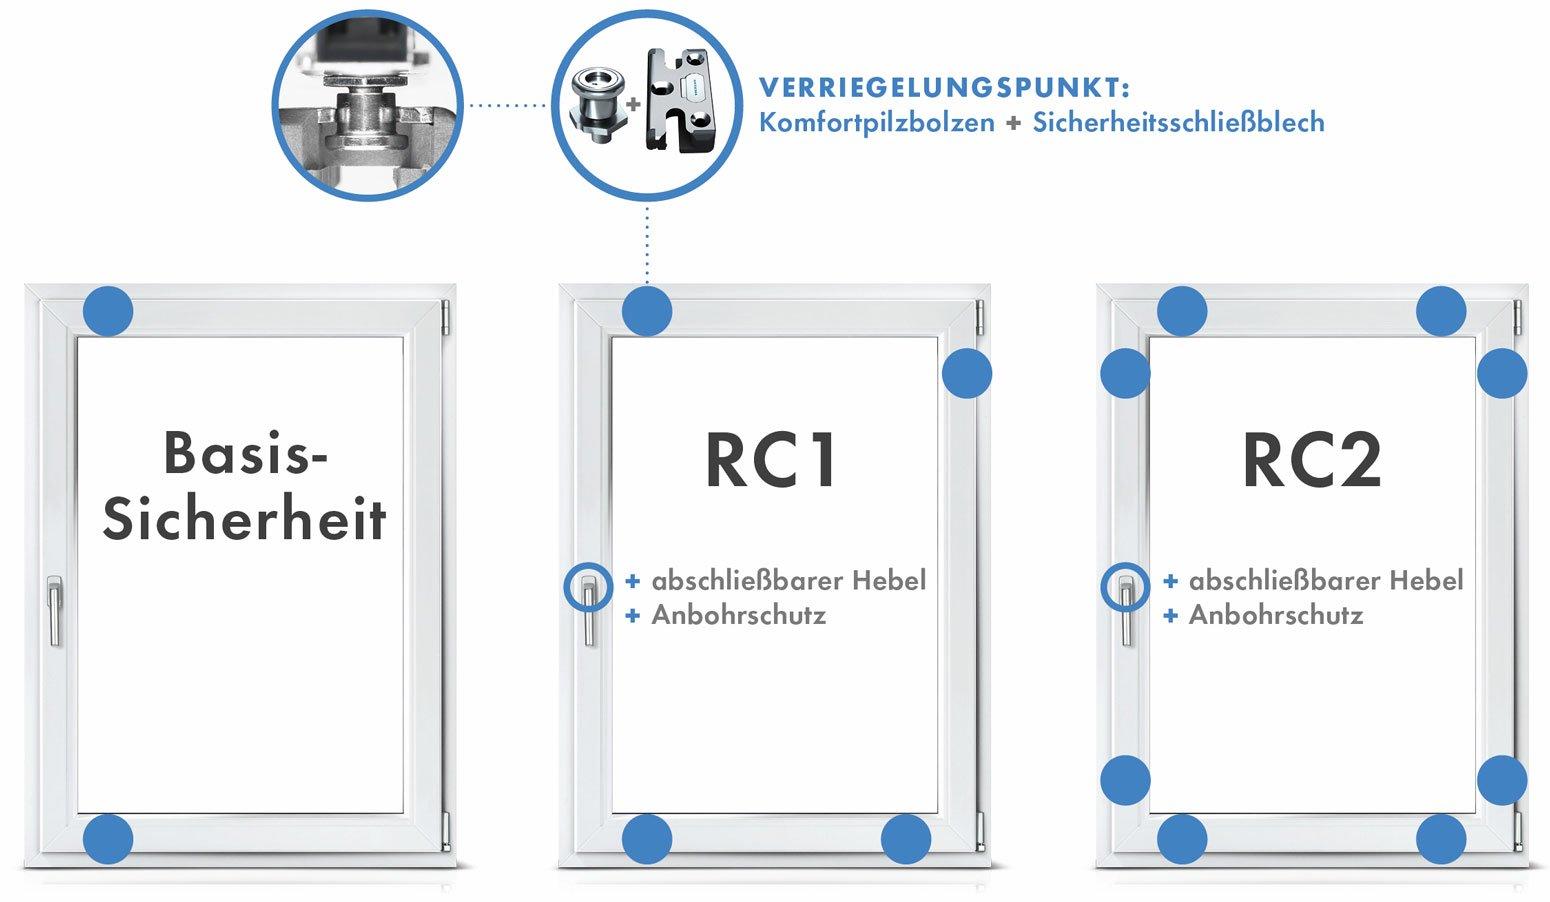 Full Size of Rc 2 Fenster 09 2016wohlbefinden Beginnt Mit Sicherheit Timm Fensterbau Sonnenschutz Für Sicherheitsfolie Test Sonnenschutzfolie Innen Fliegennetz Fenster Rc 2 Fenster